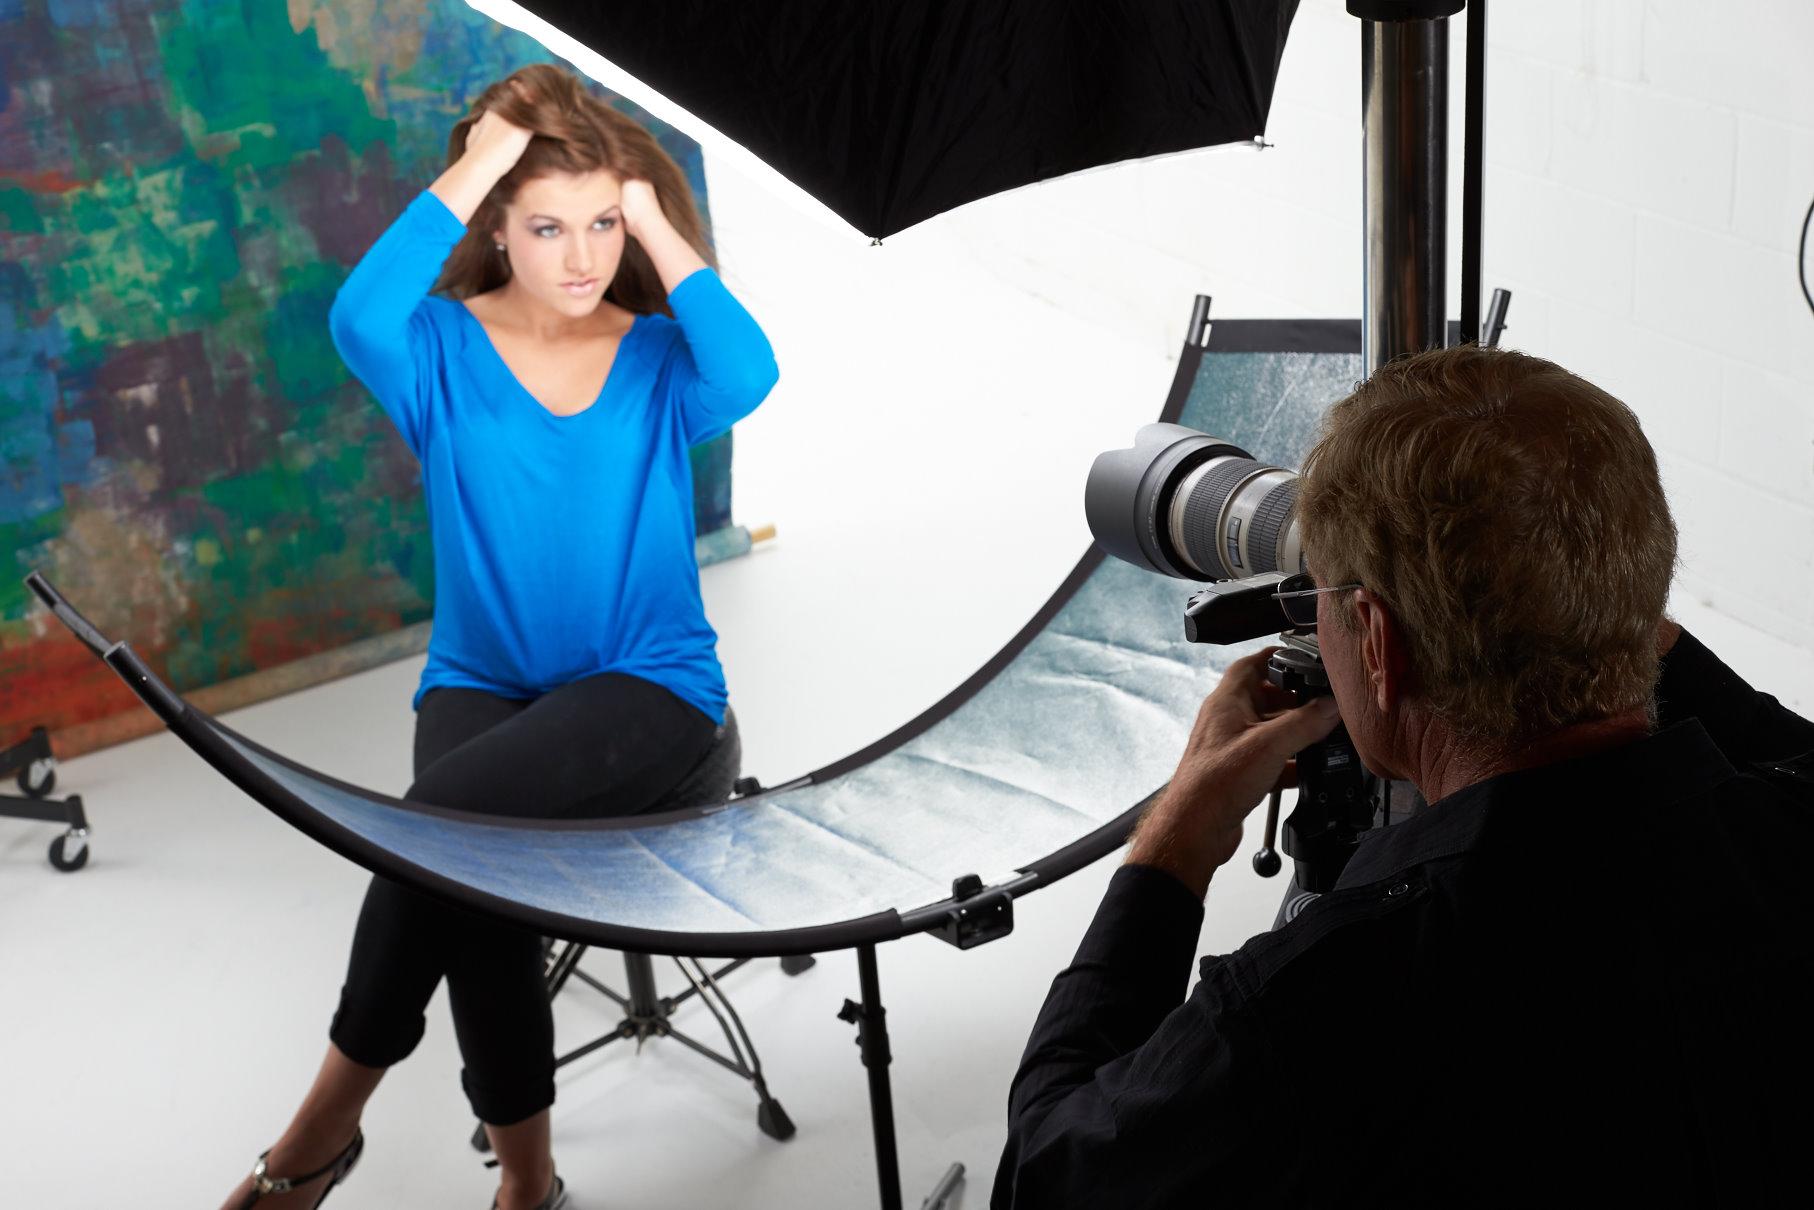 развернитесь способы повышения четкости при фотосъемке есть